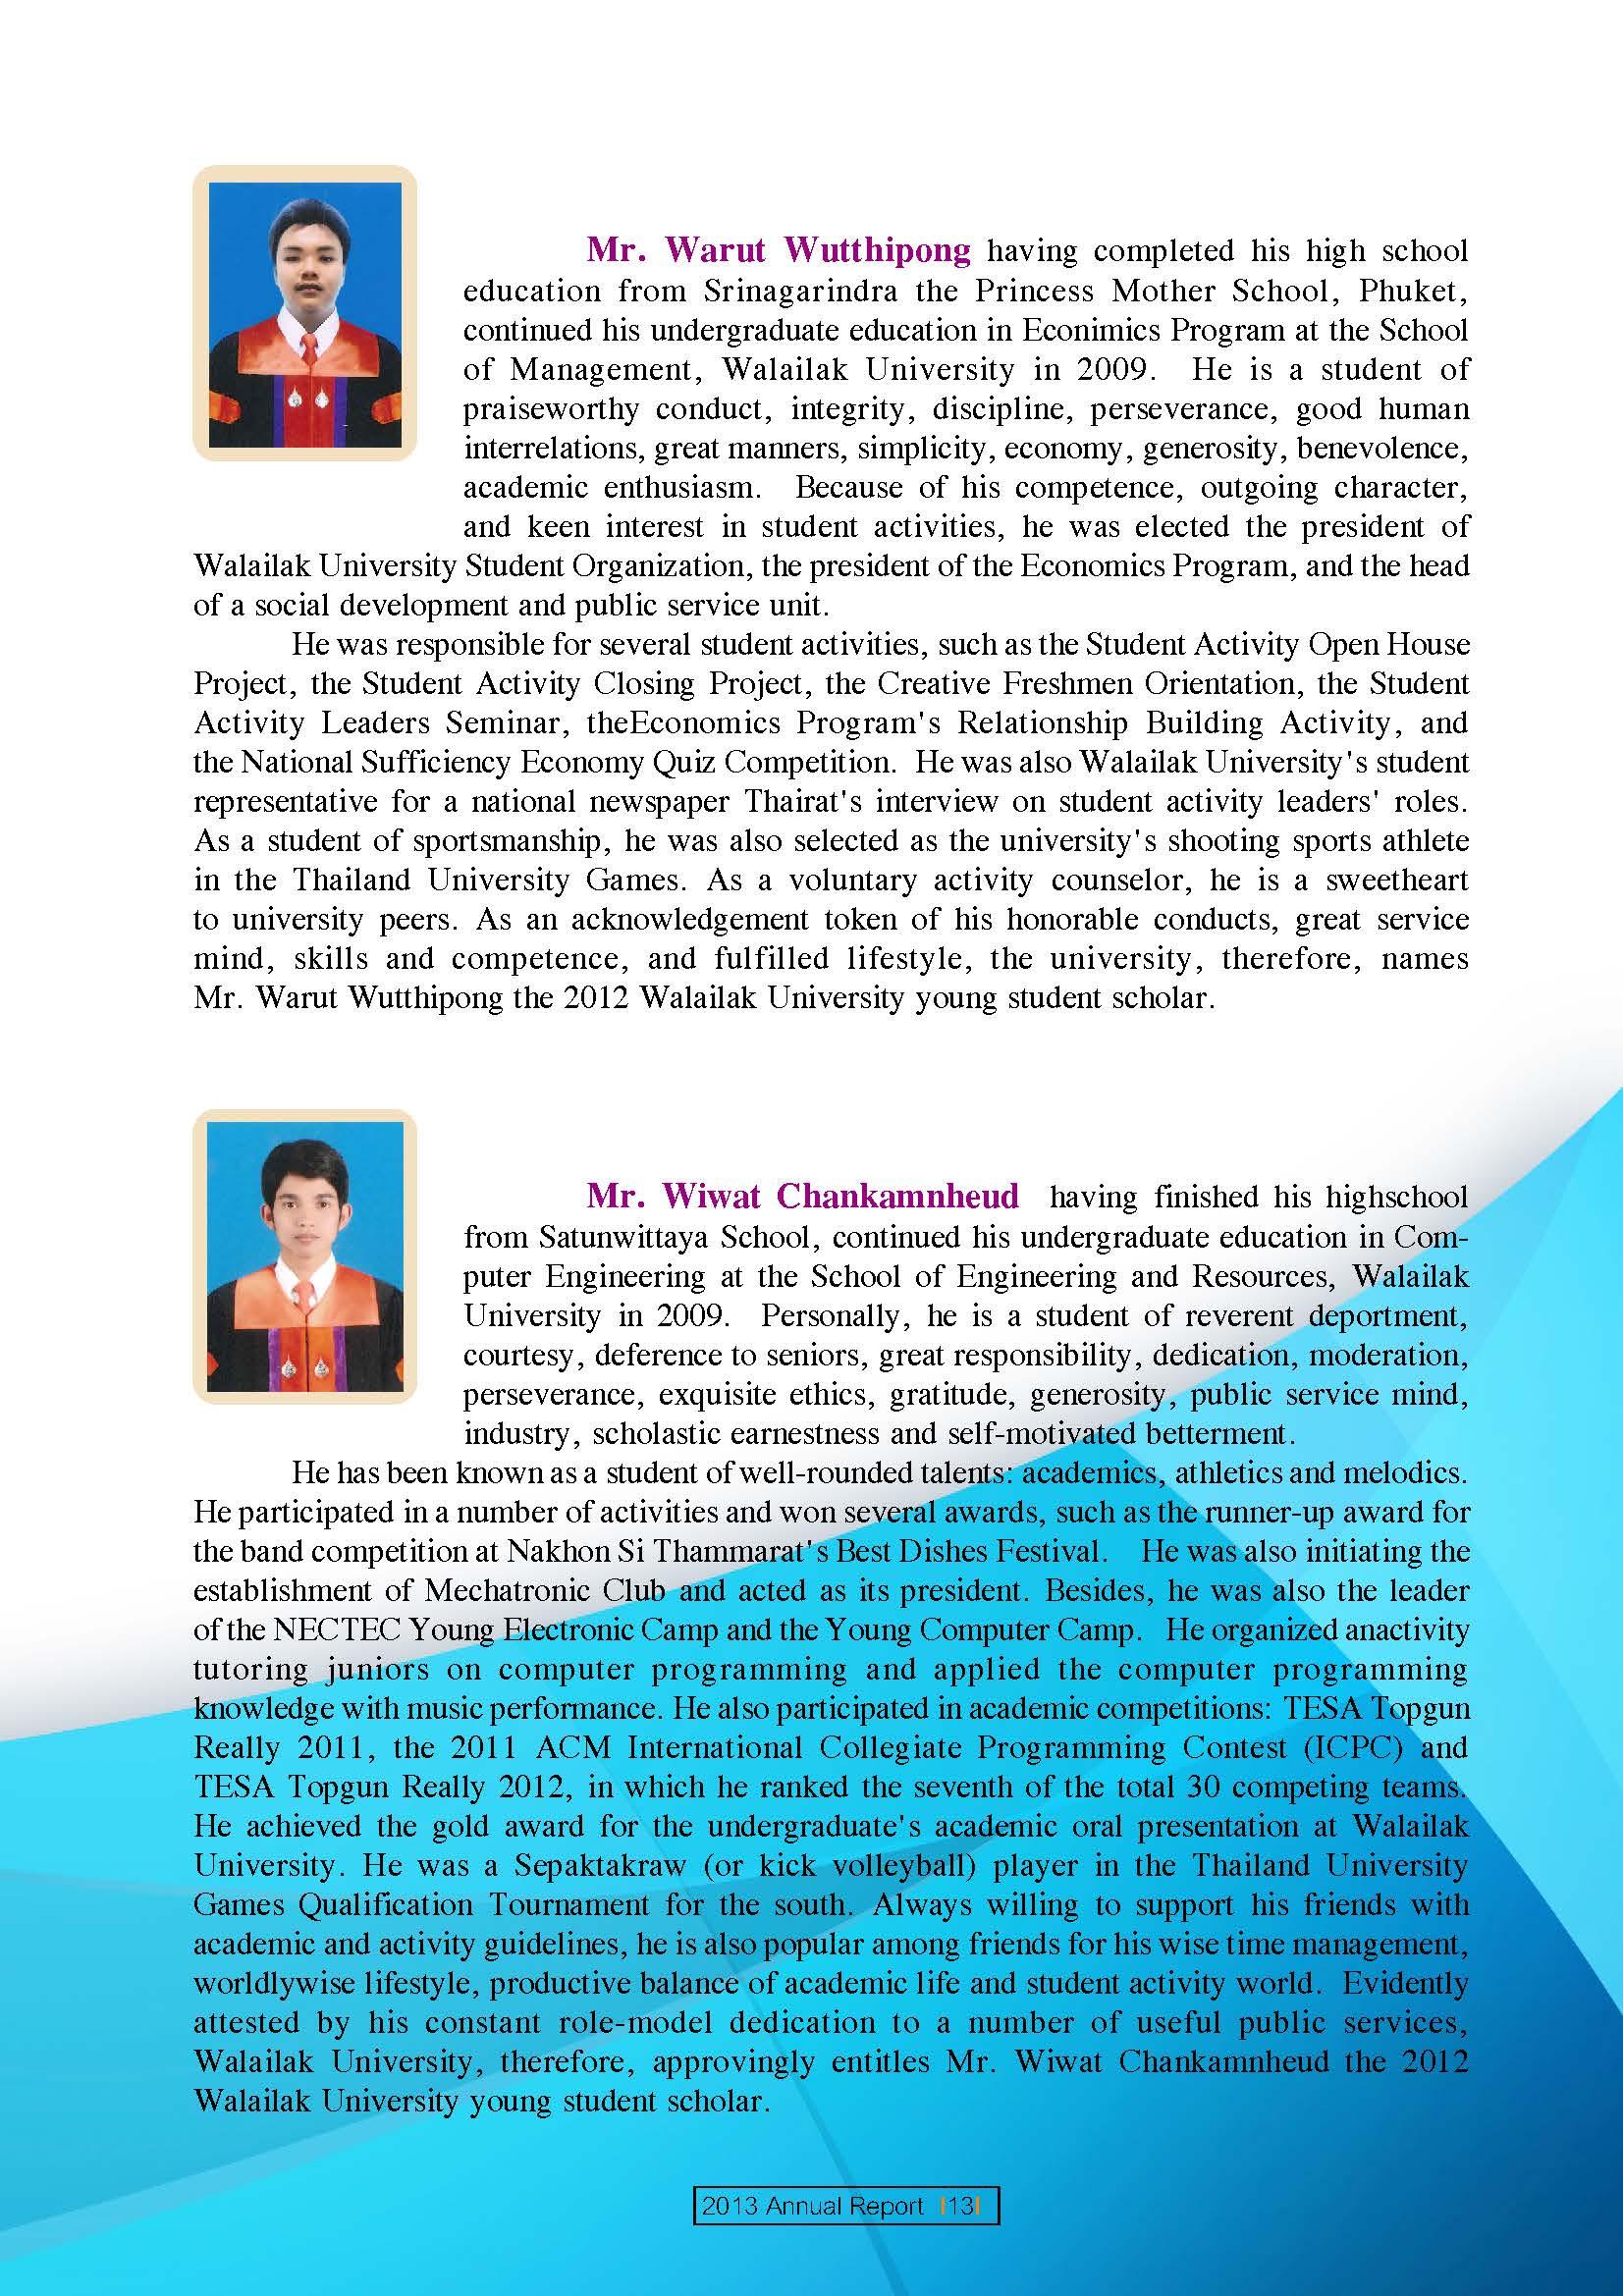 รายงานประจำปี2013ภาษาอังกฤษ_Page_13